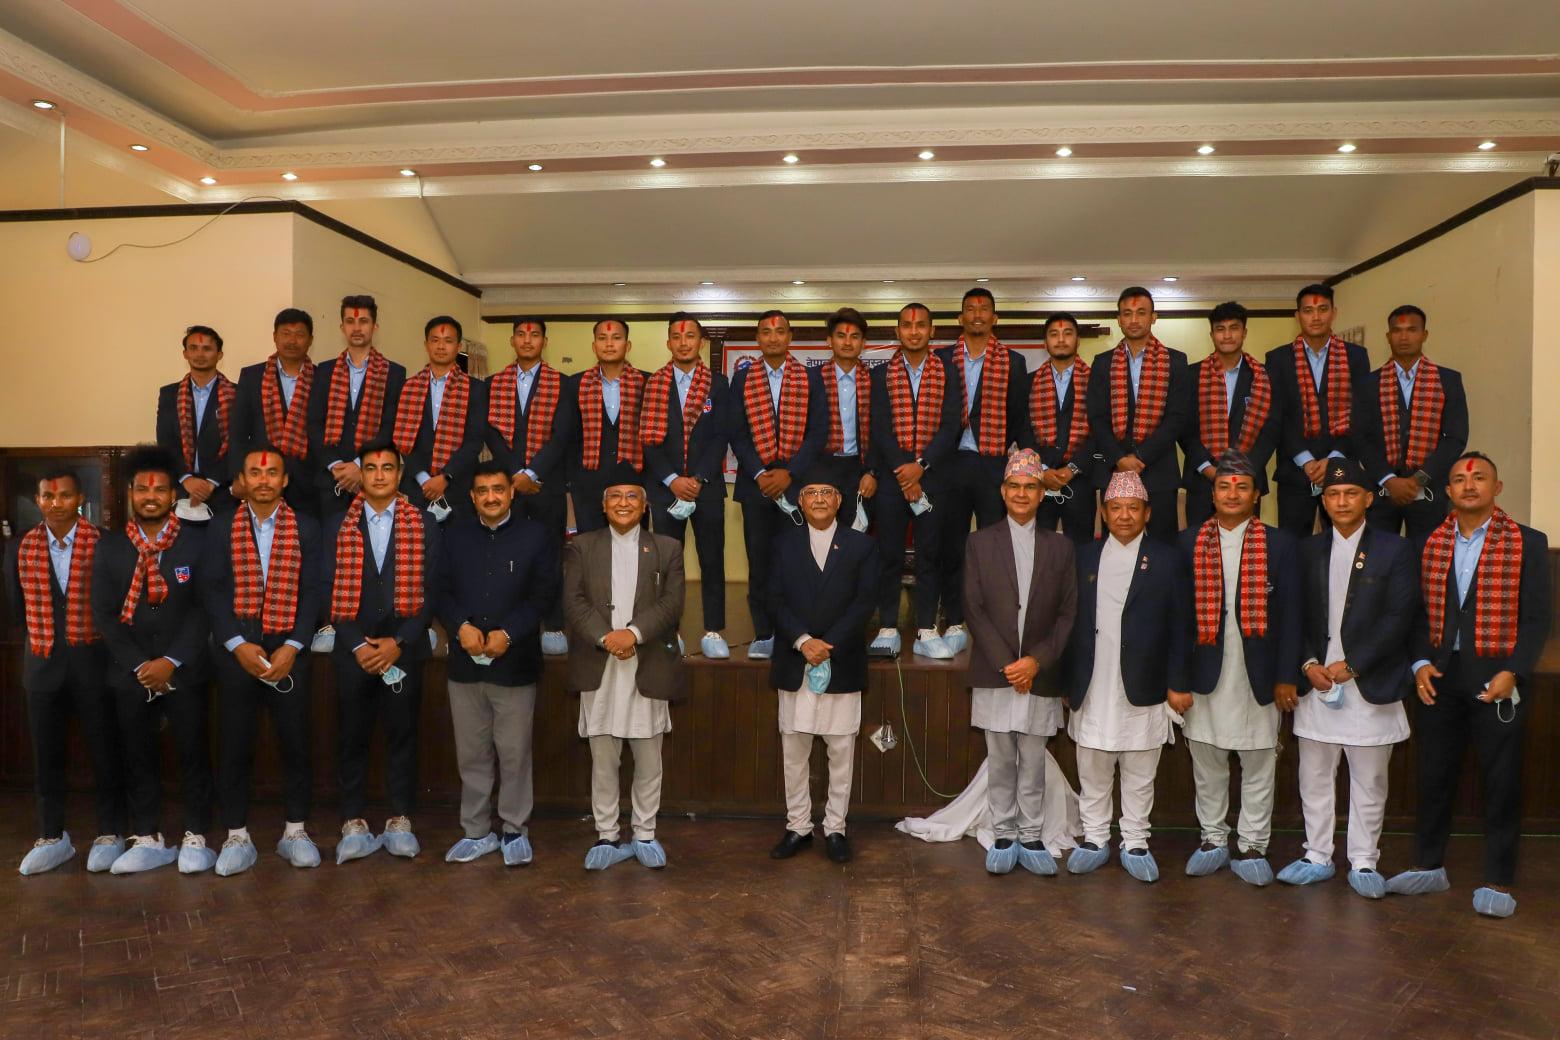 थ्री नेसन्स कप च्याम्पियन राष्ट्रिय फुटबल टोली सम्मानित (भिडियो)